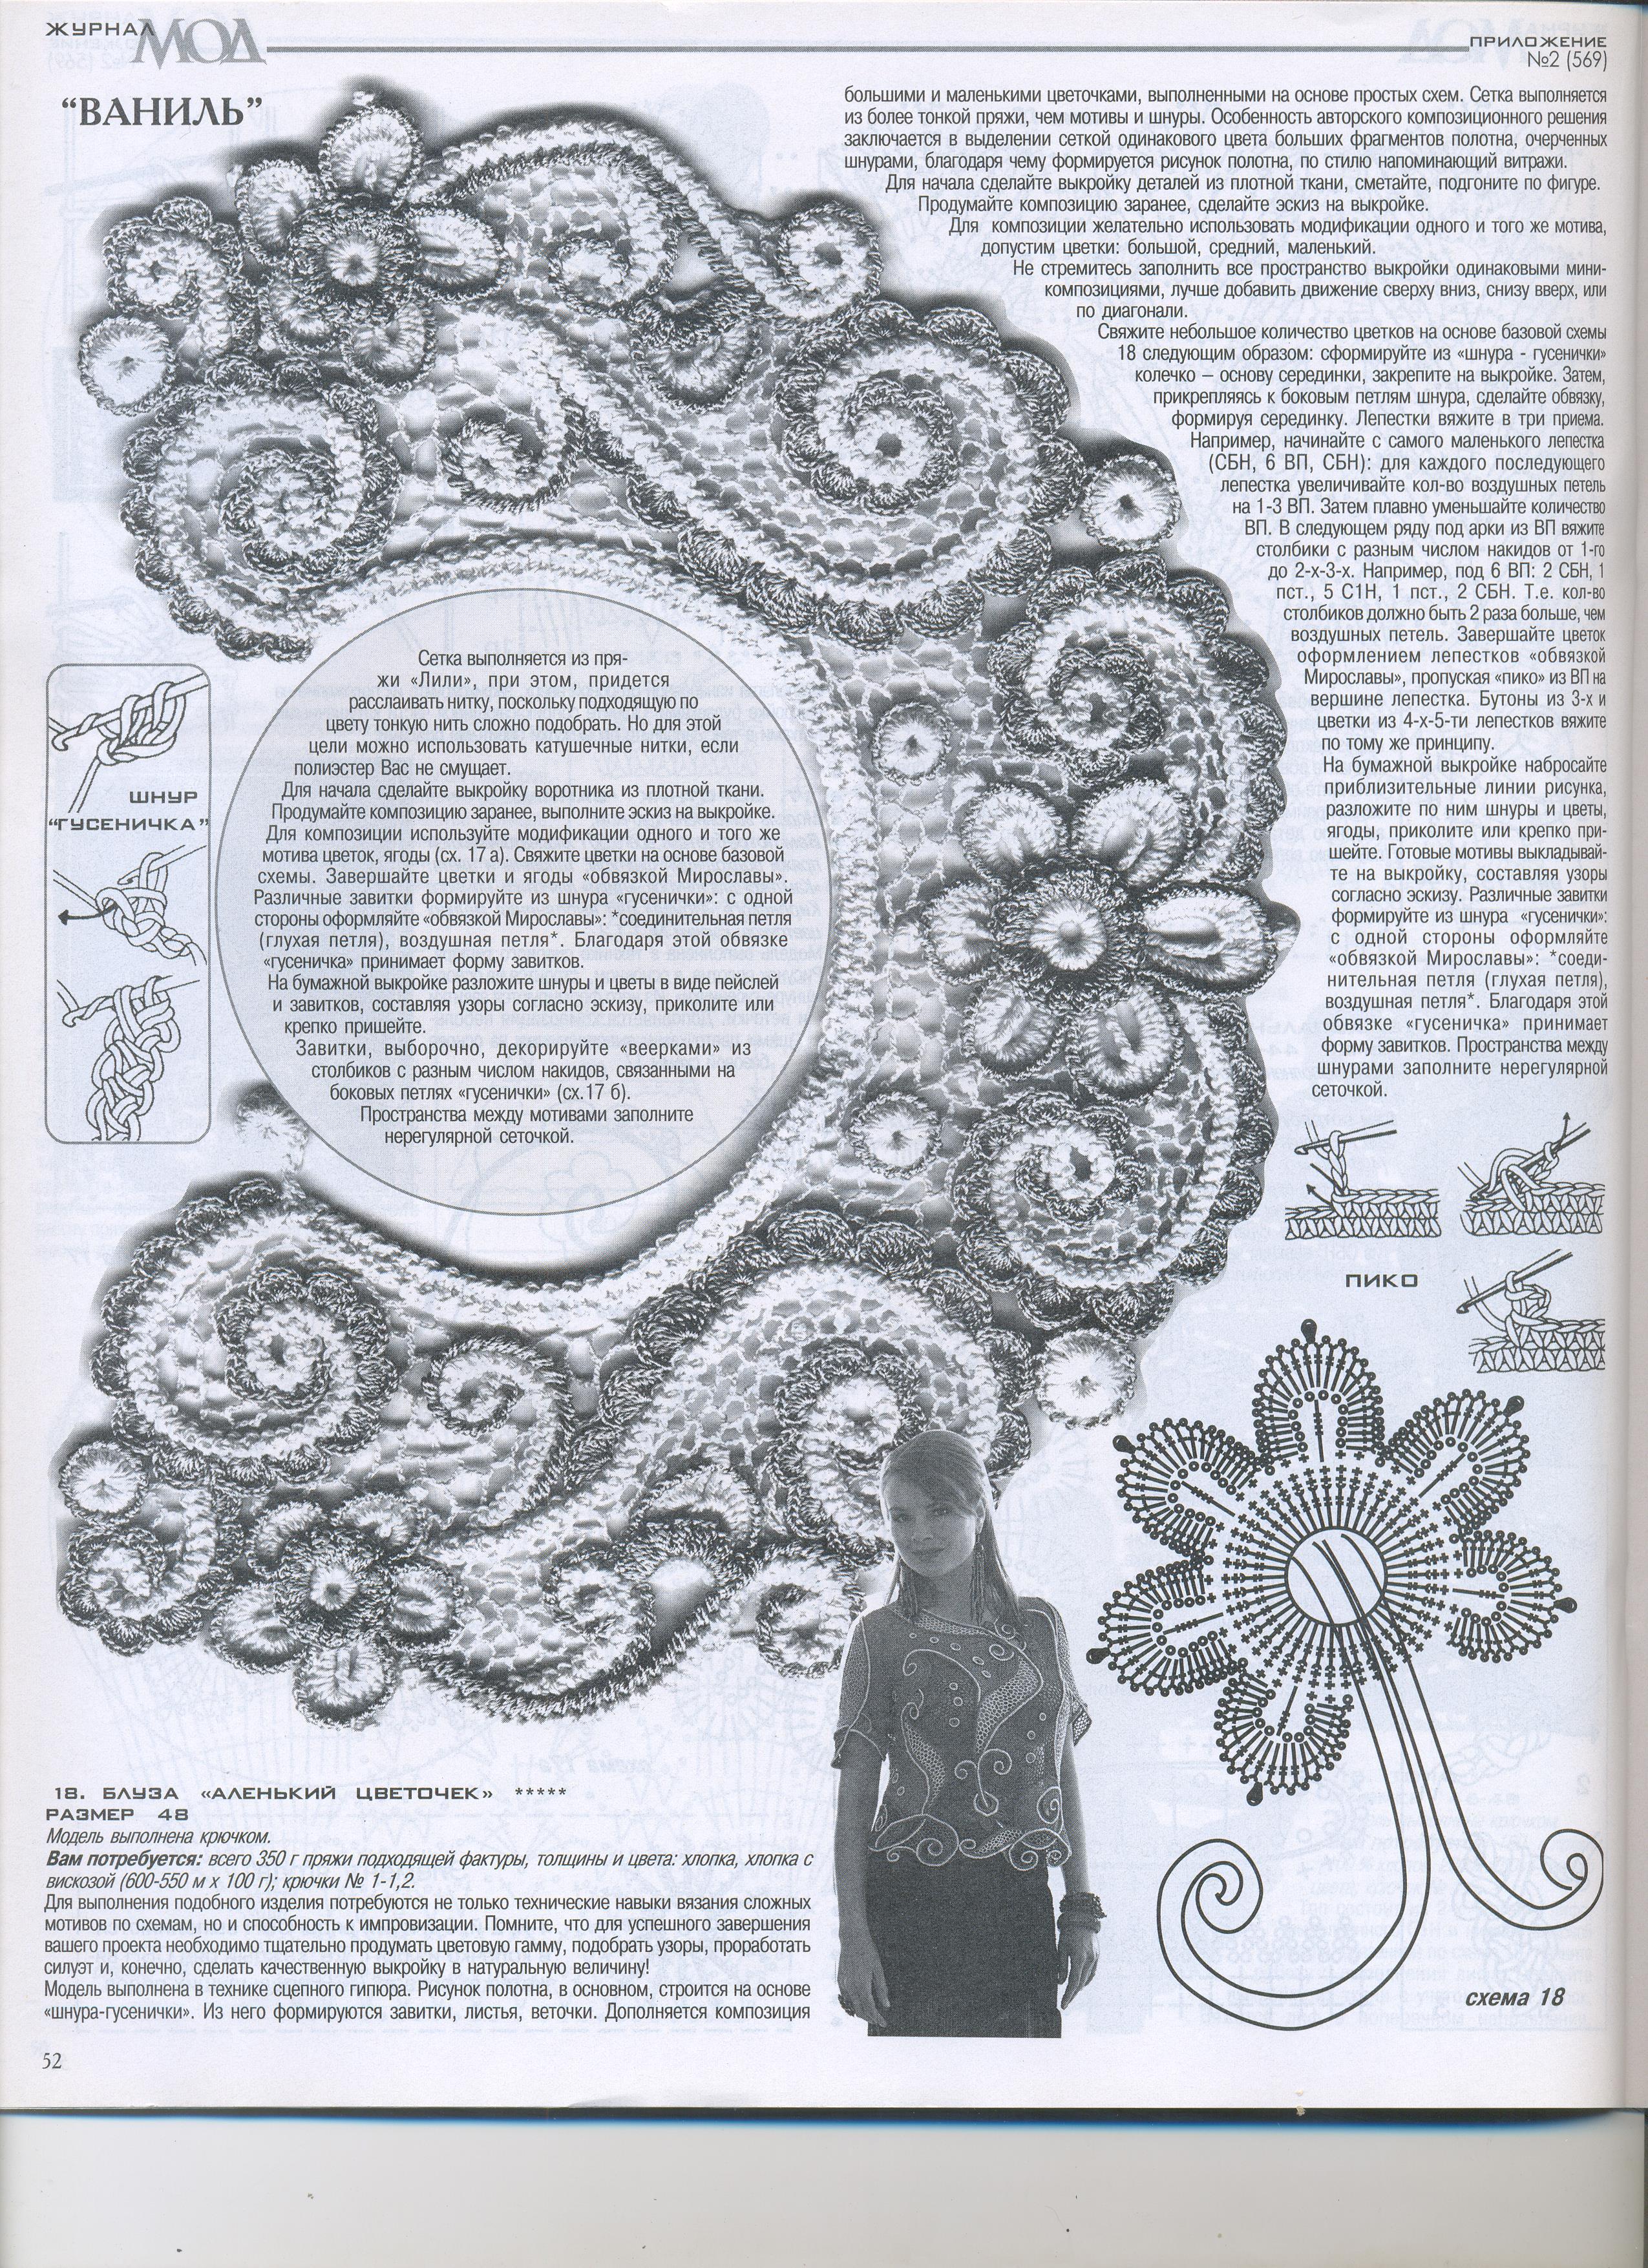 Воротнички крючком схемы ирландское кружево